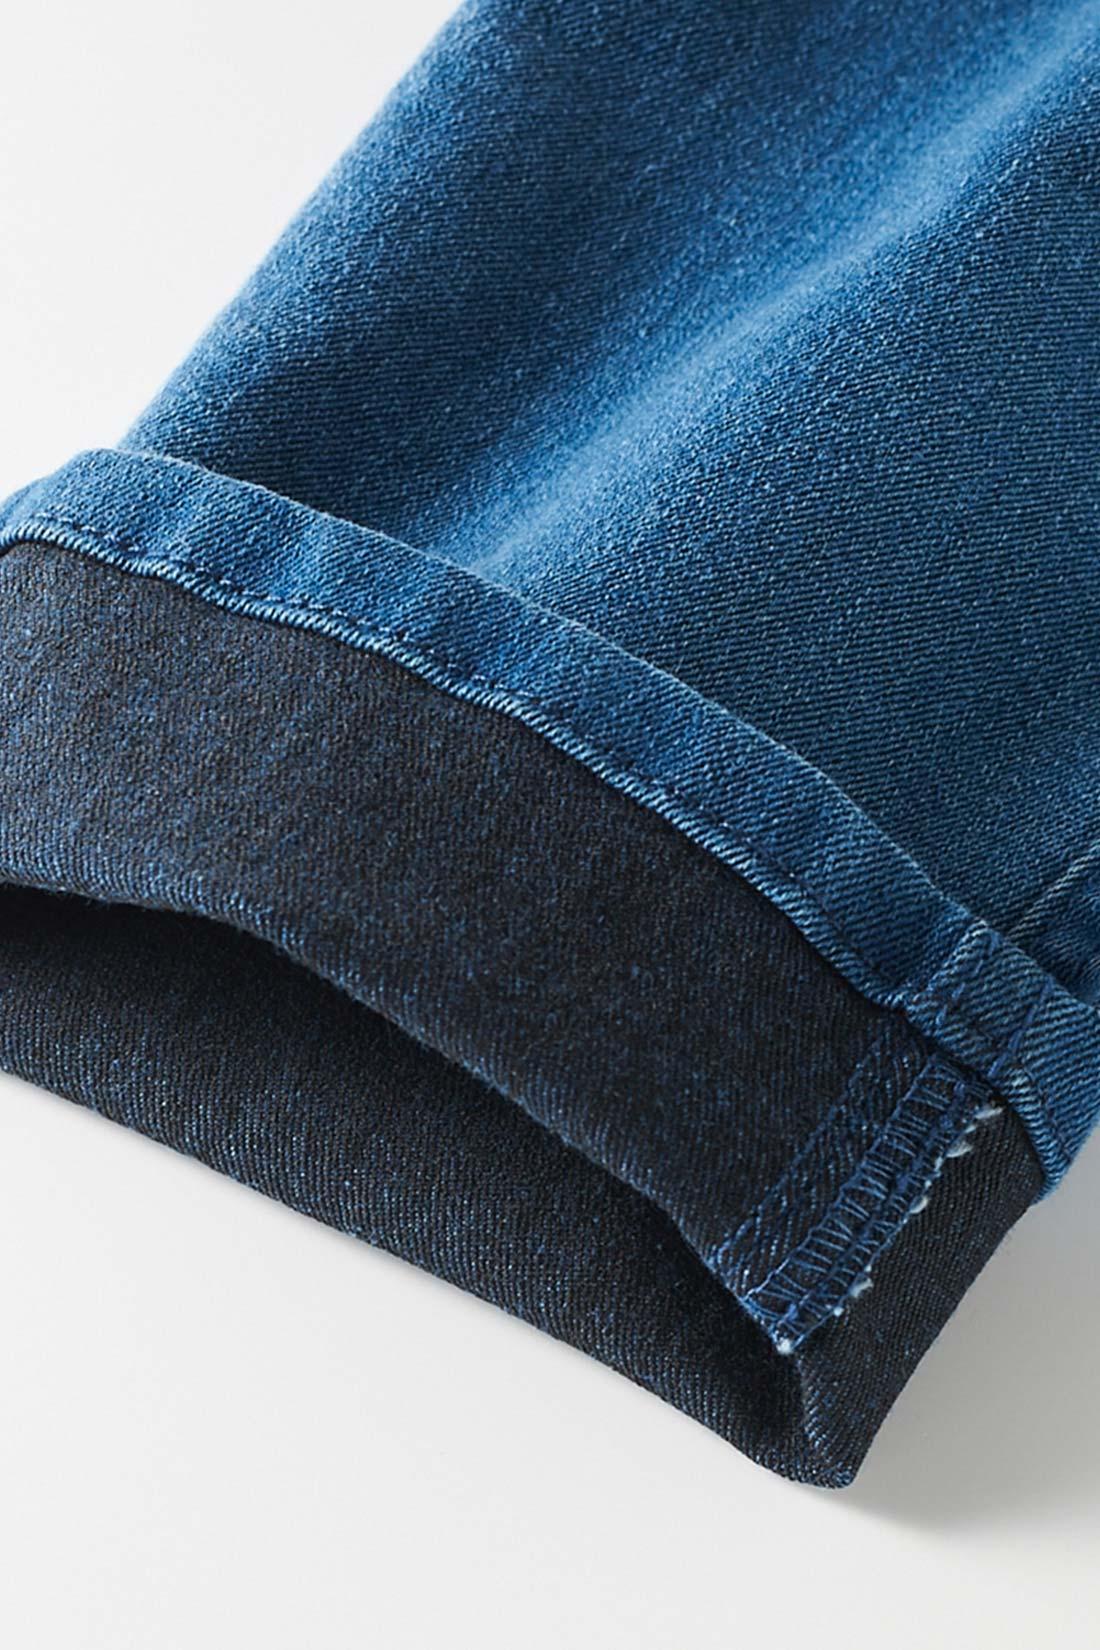 裏糸に黒を使ったデニム生地。一般的なデニムの裏糸はベージュ系を使うのに対し、このデニムには黒を採用。表地がほんのり黒みがかり、引き締まってきれいに見えます。